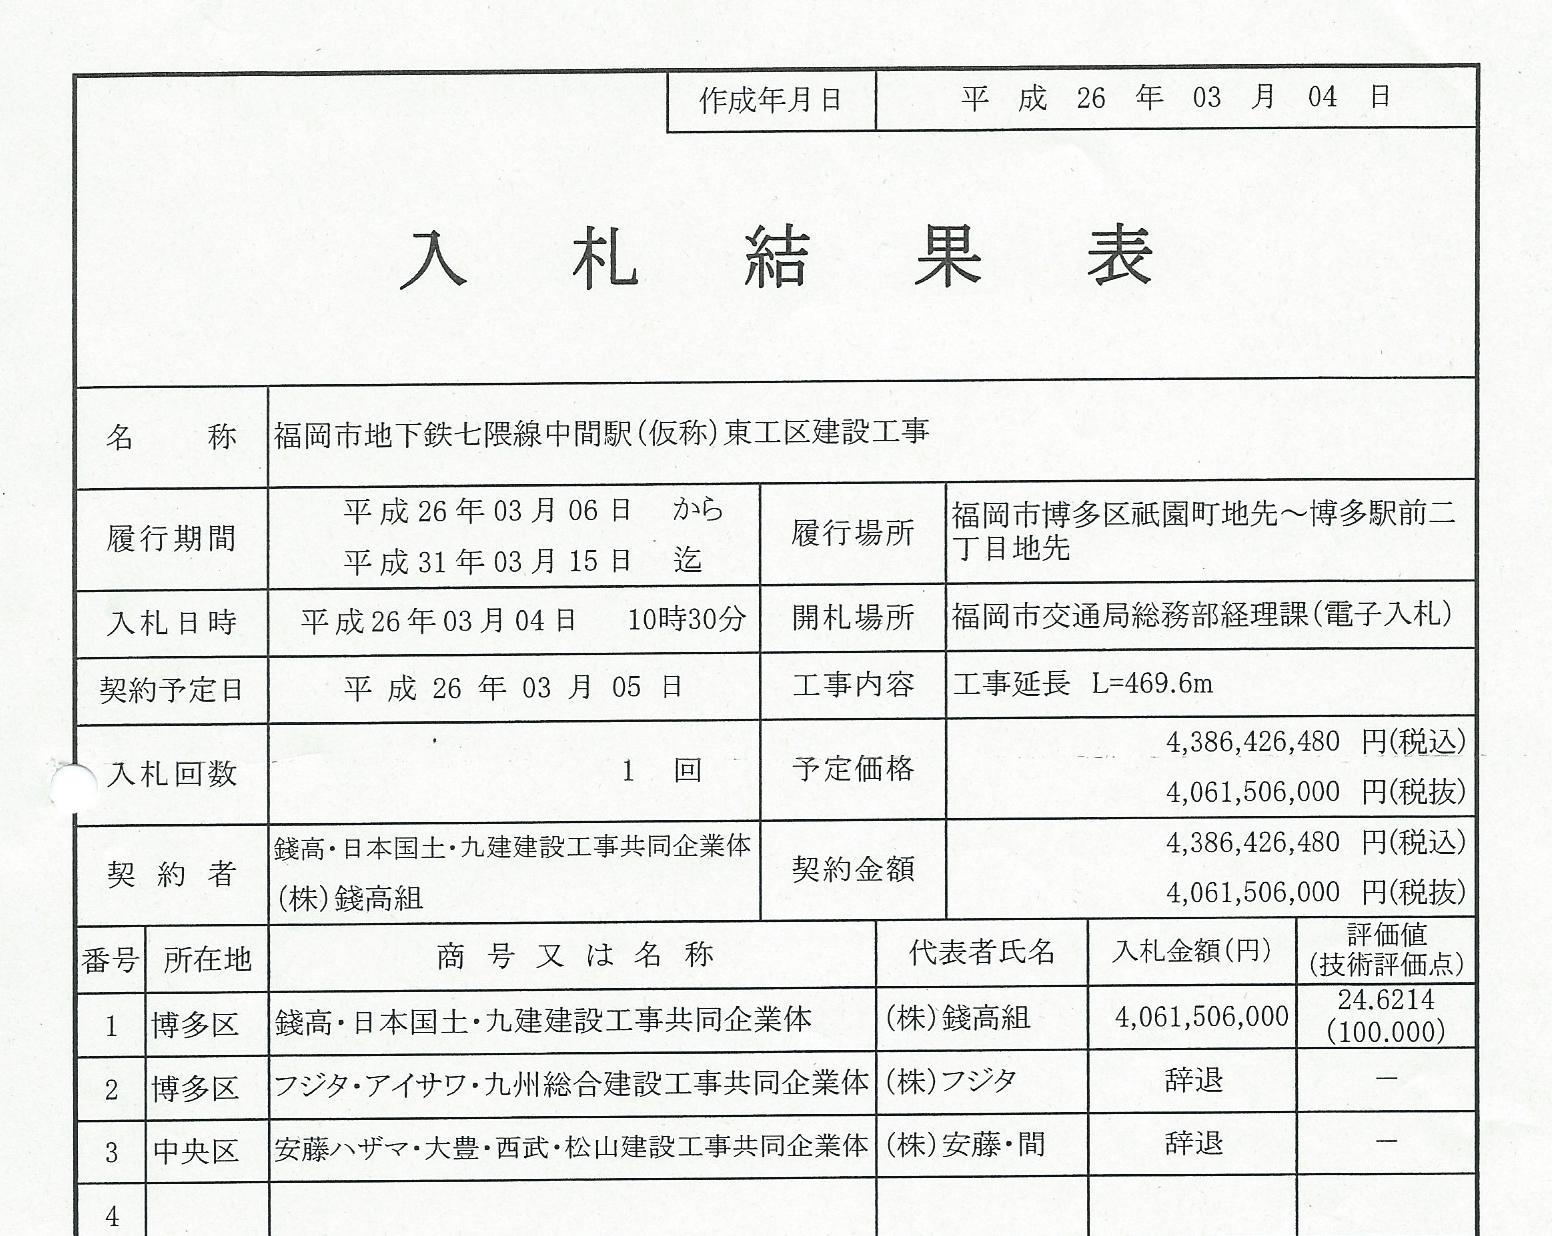 http://hunter-investigate.jp/news/2014/04/22/%E5%85%A5%E6%9C%AD%EF%BC%91.jpg